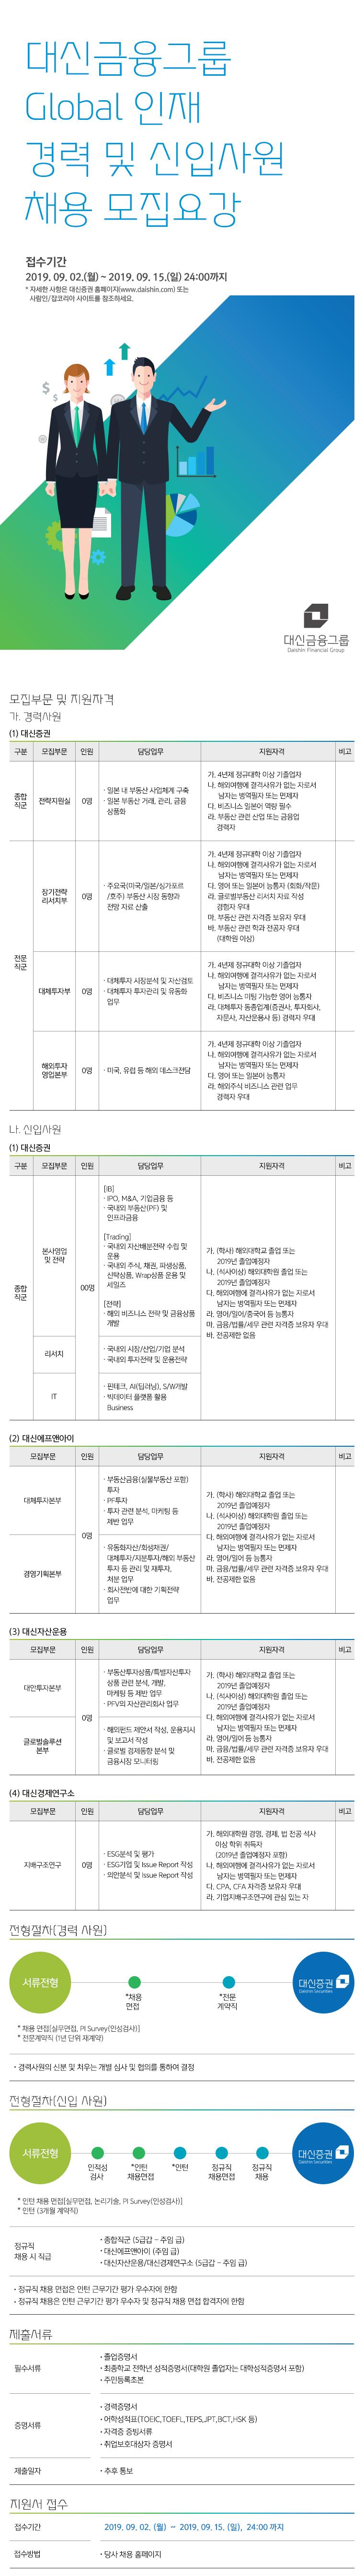 대신증권 대신금융그룹 Global 인재 경력 및 신입사원 채용